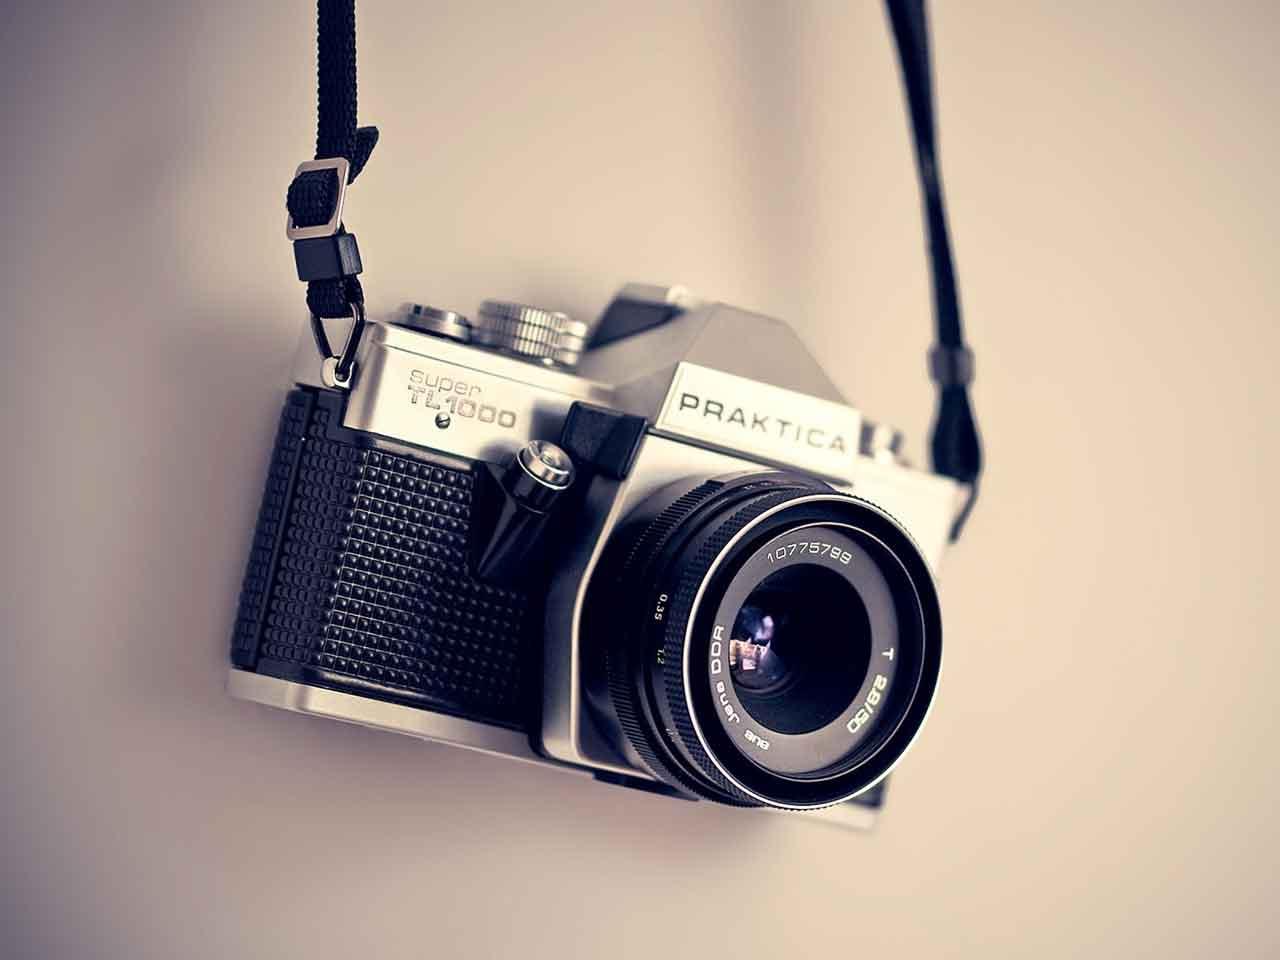 comment faire un livre photo personnalisé rapidement